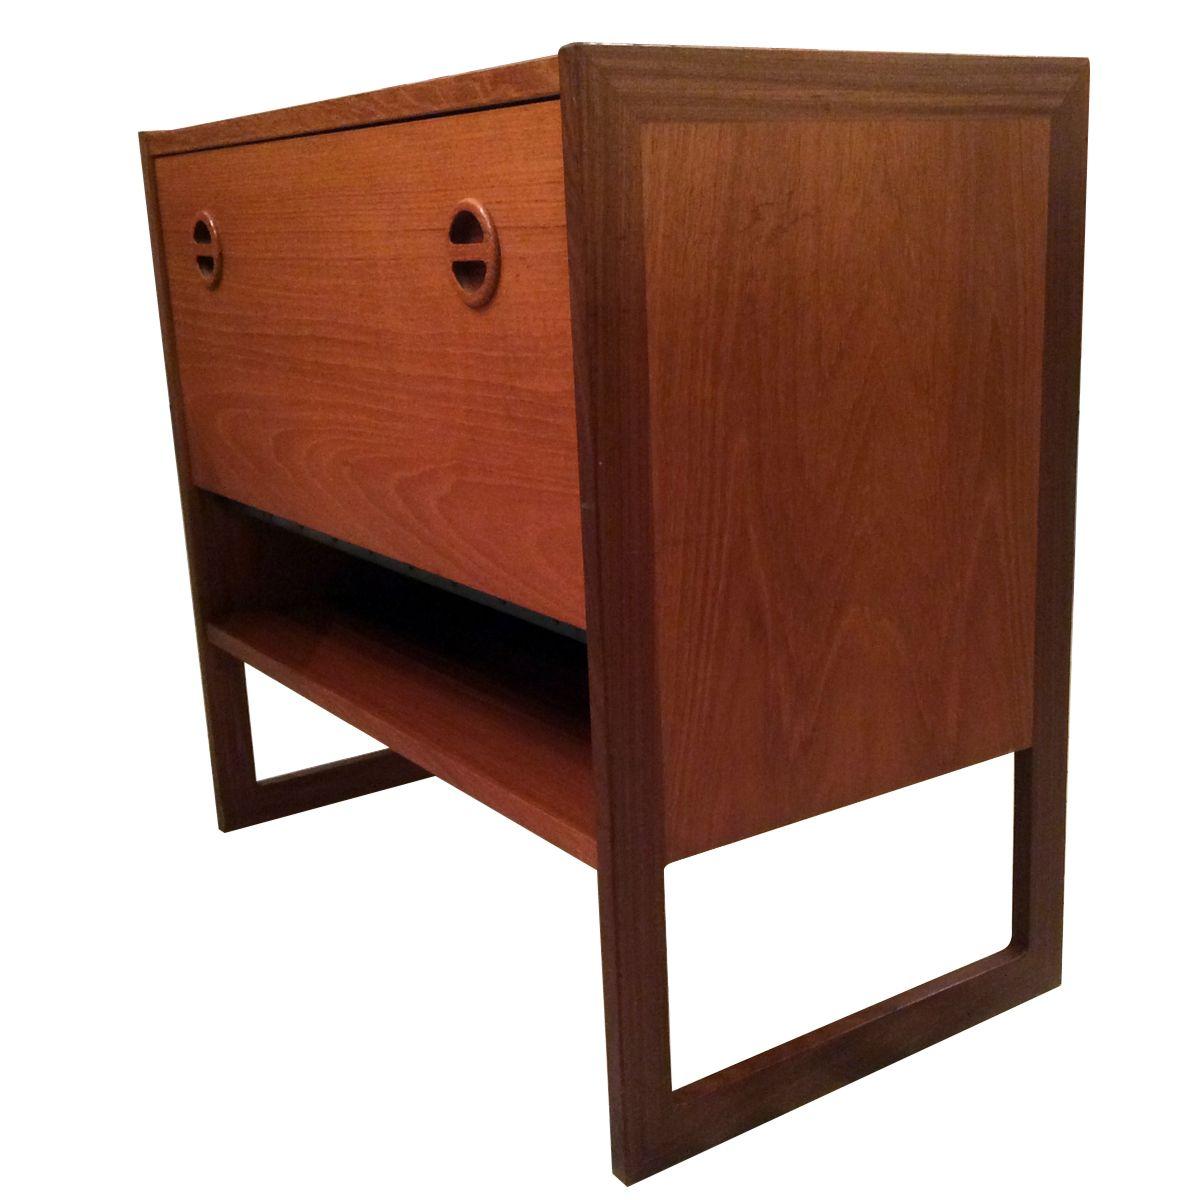 Teak Kitchen Cabinet Doors: Teak Cabinet With Flap Door, 1960s For Sale At Pamono